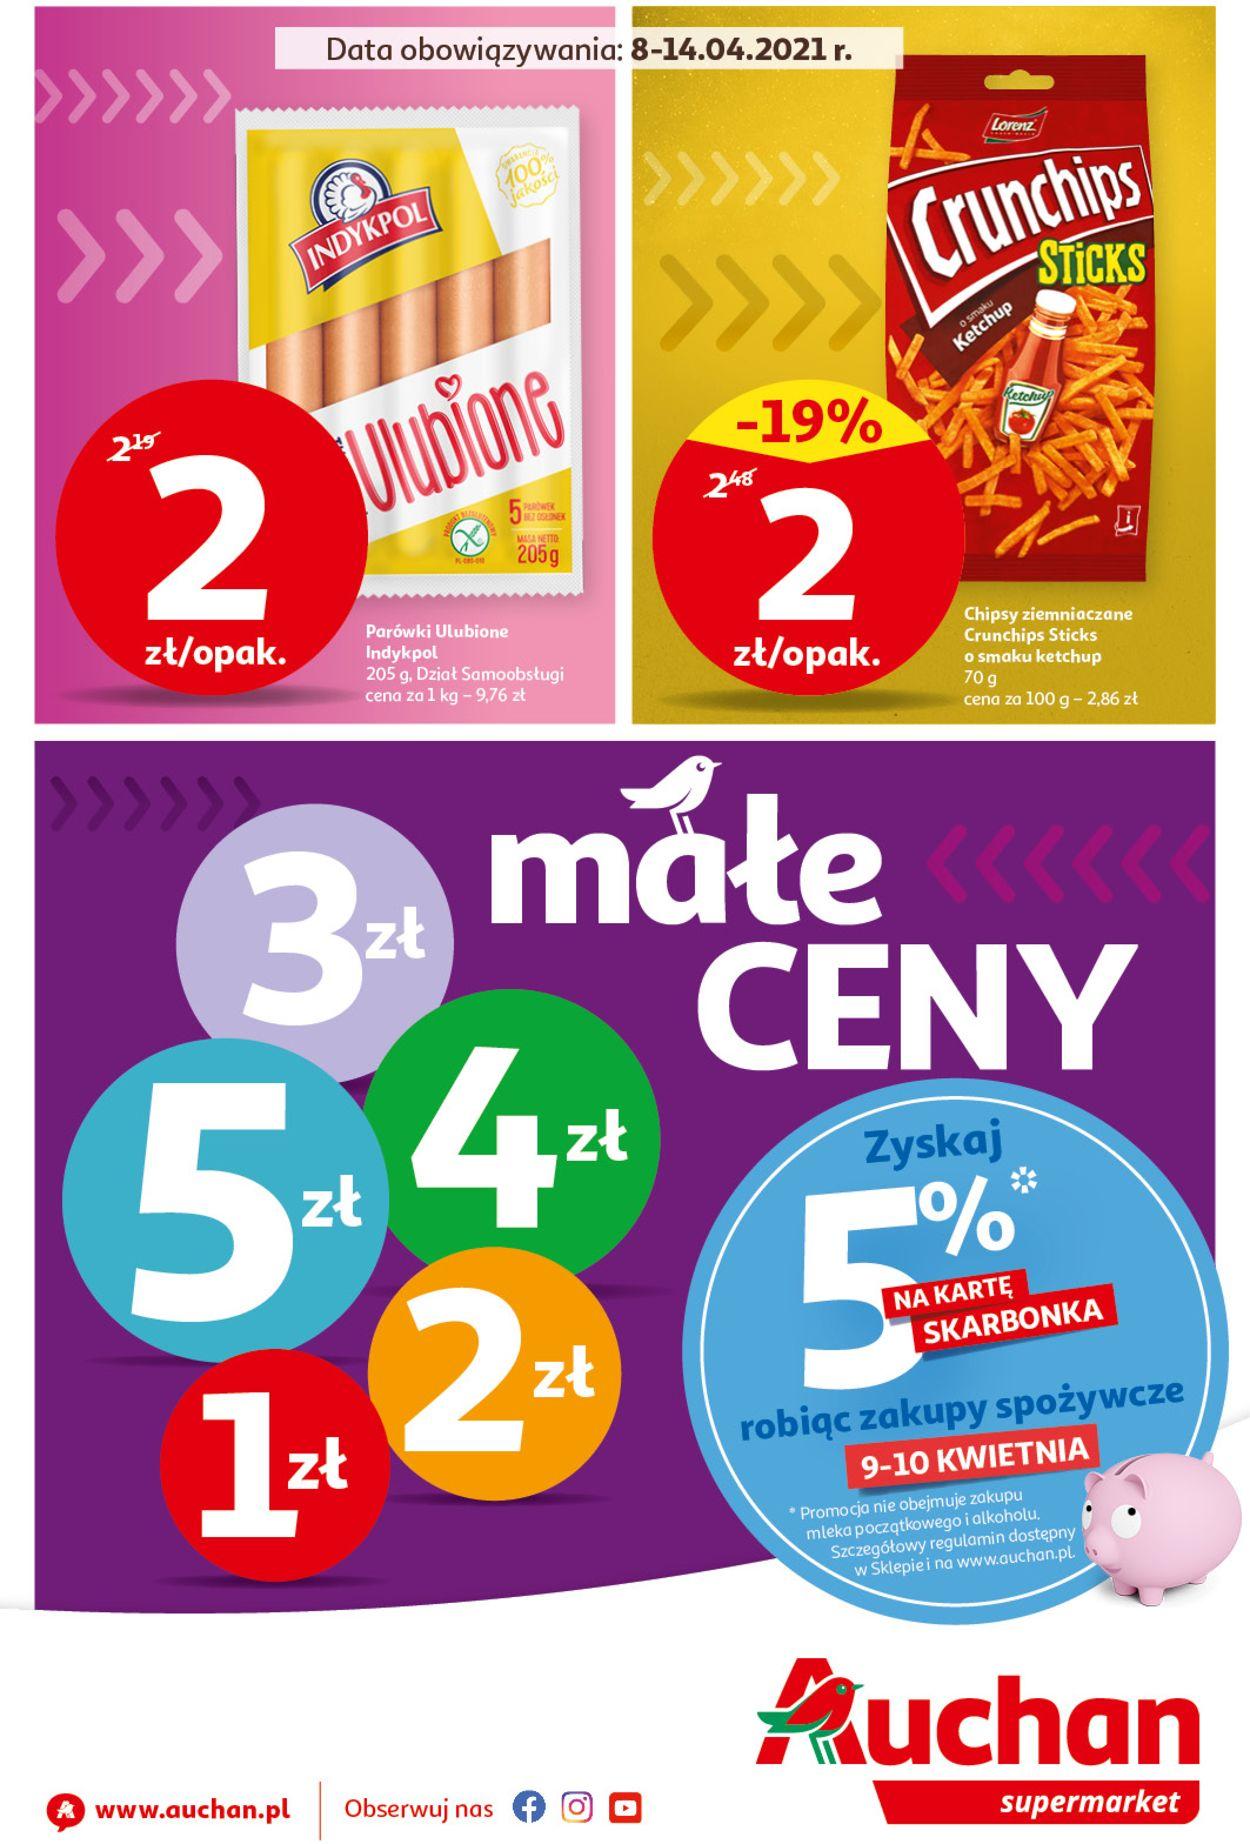 Gazetka promocyjna Auchan - 08.04-14.04.2021